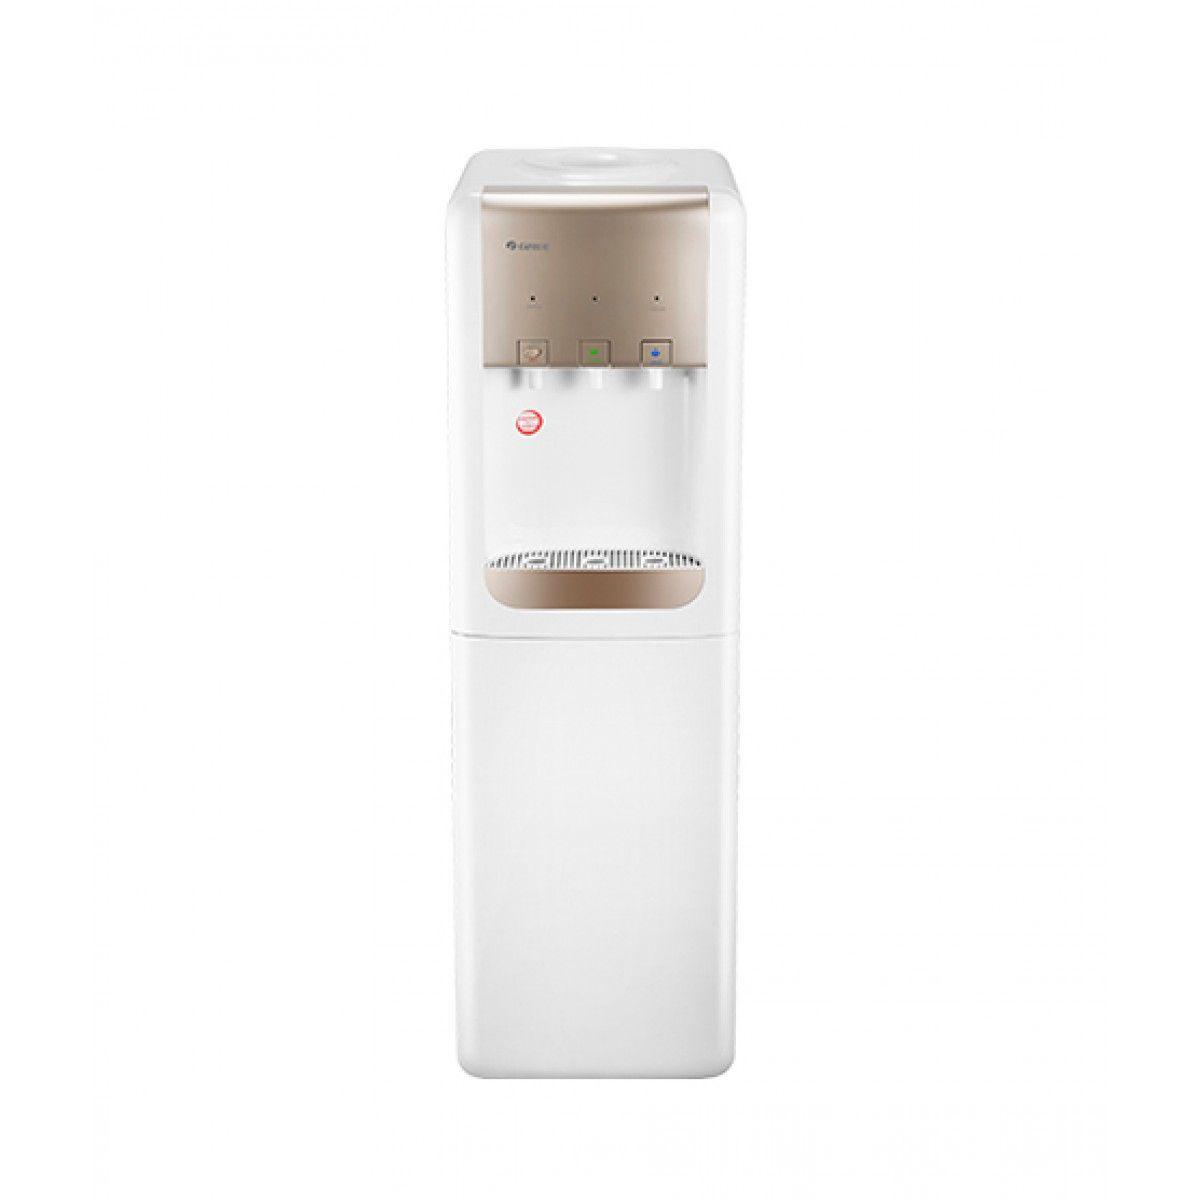 Gree (GW-JL500FC) 3 Tap Water Dispenser